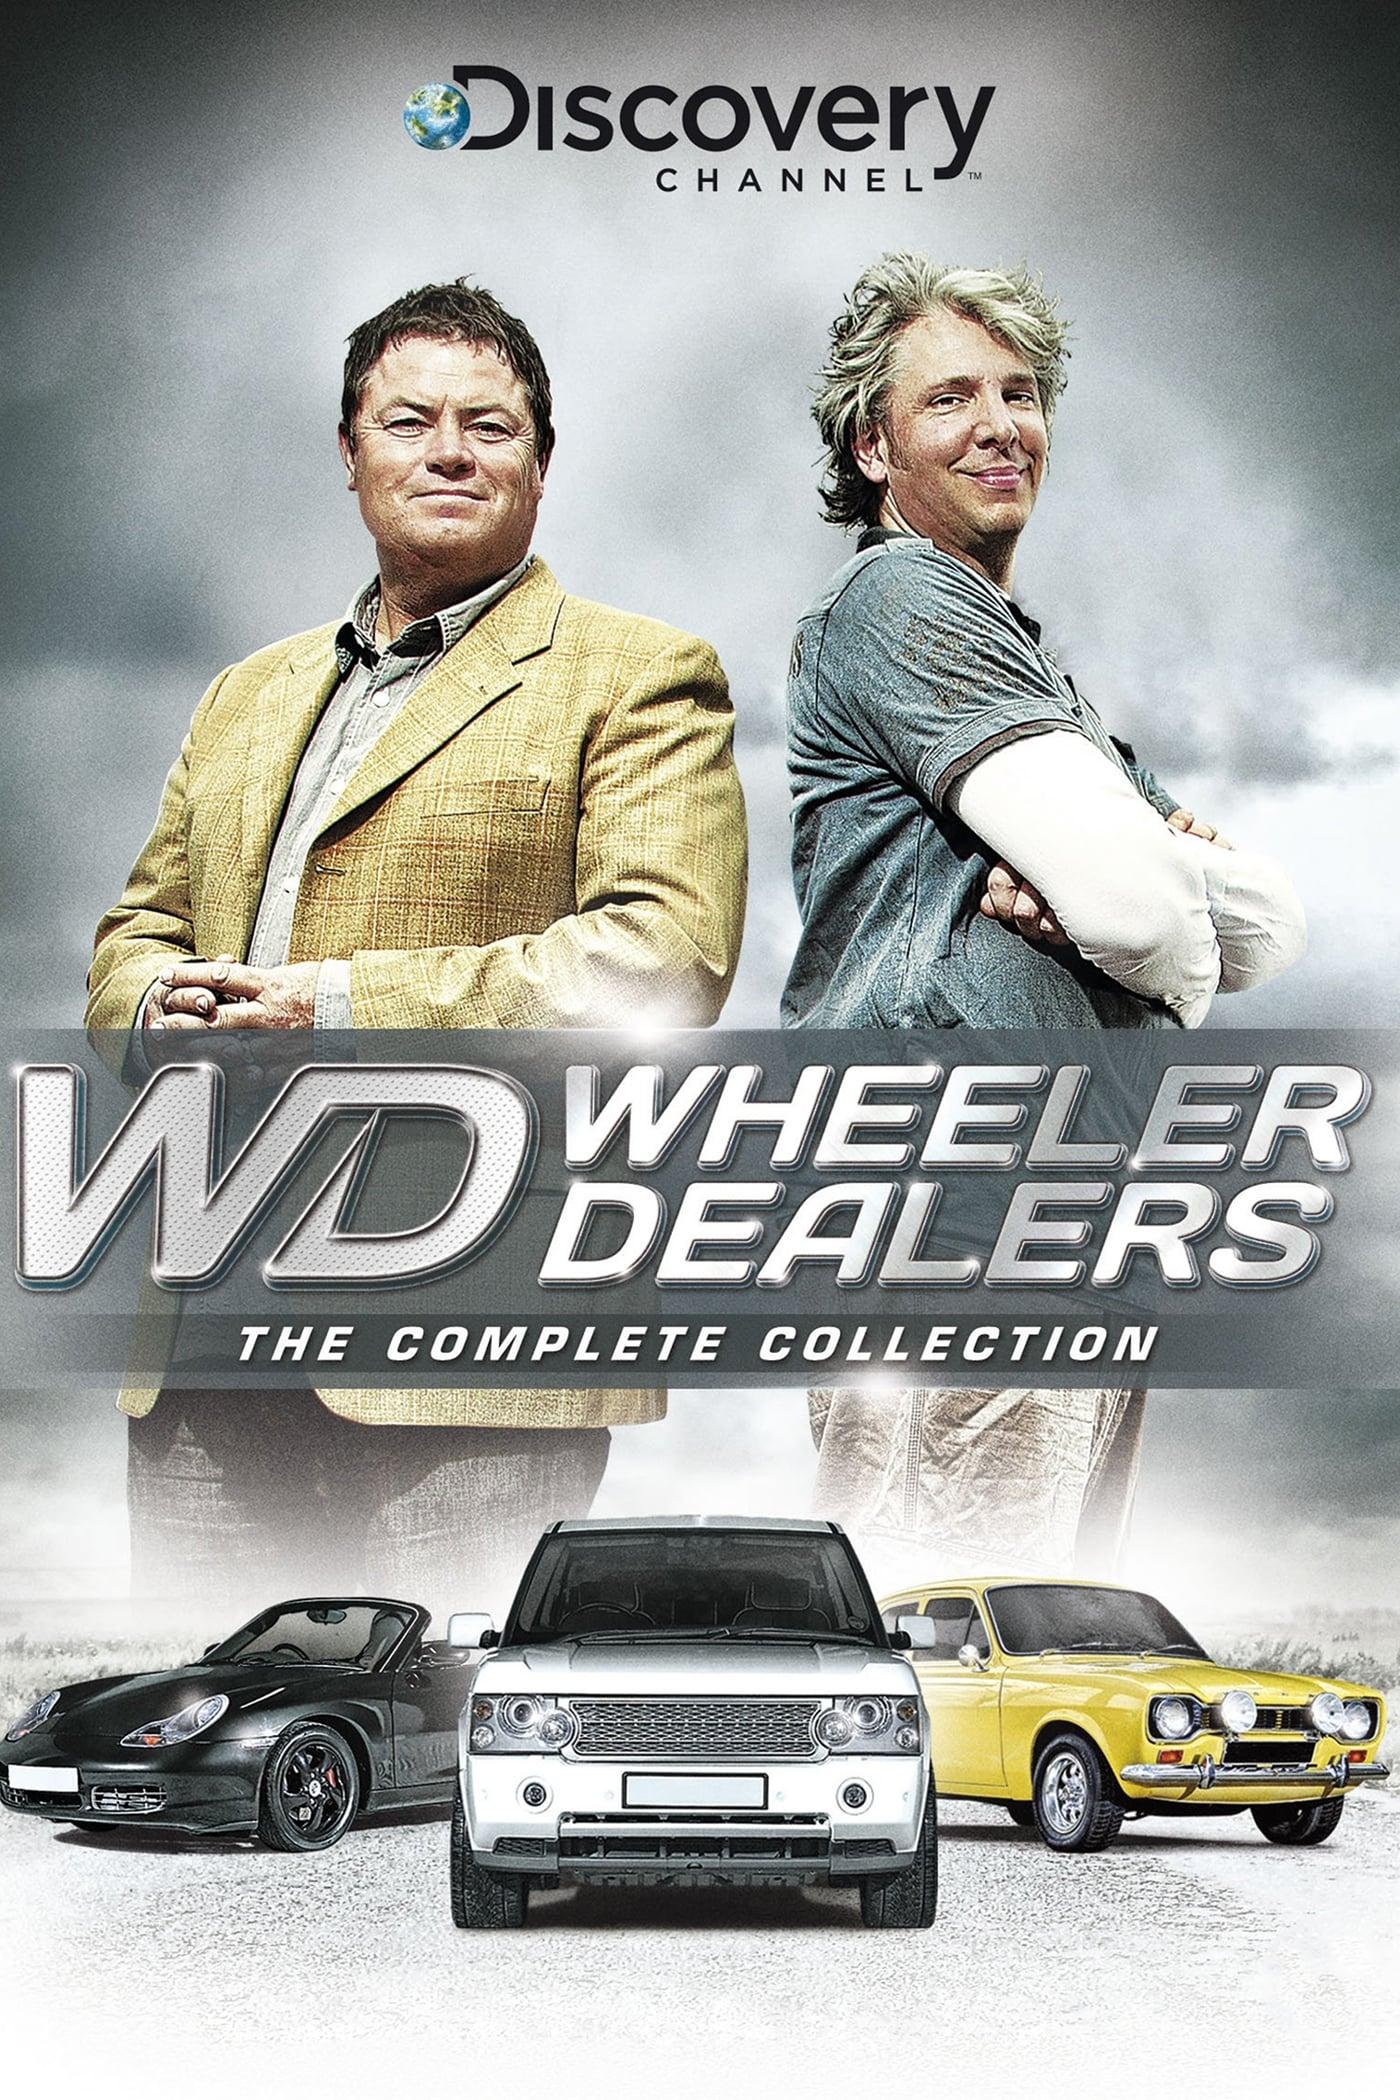 image for Wheeler Dealers